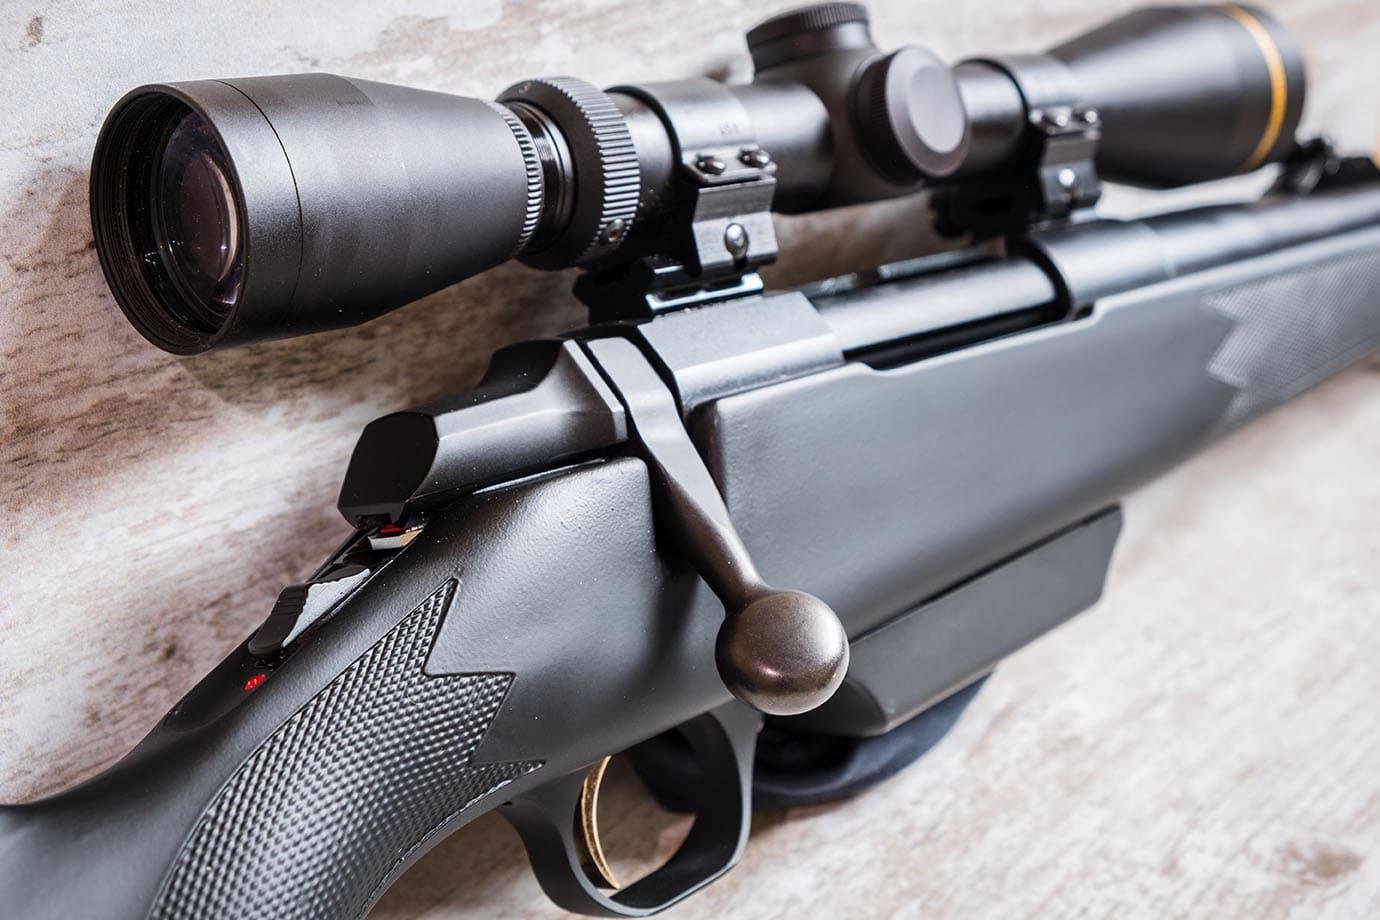 a shotgun